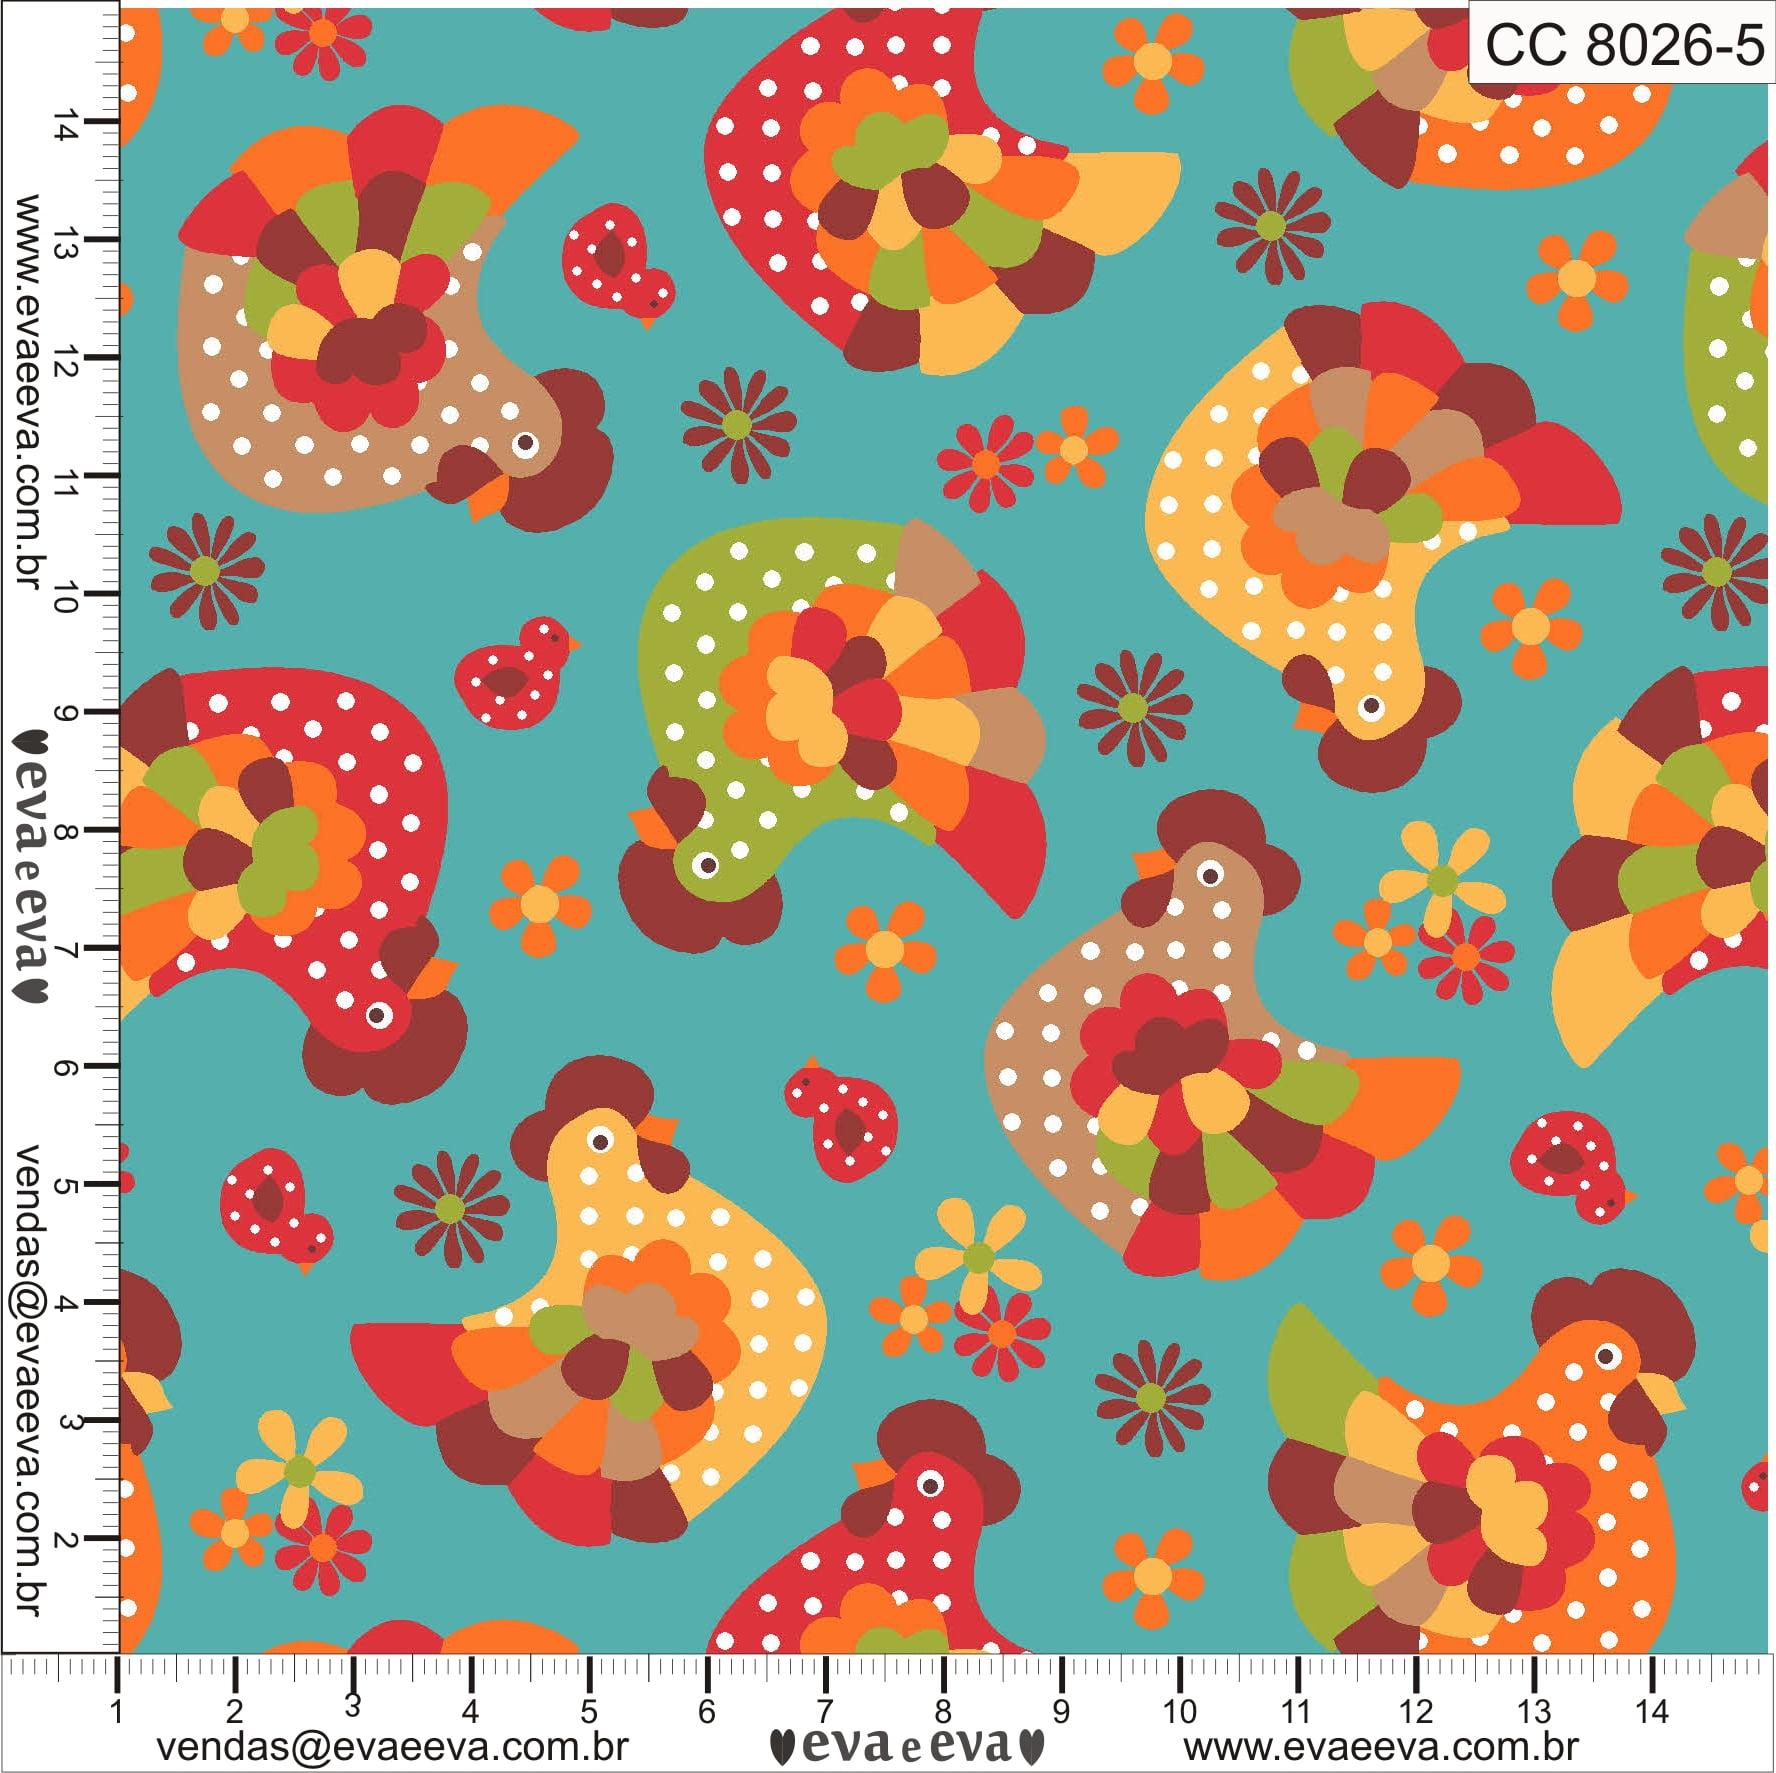 Tecido tricoline estampada da Eva e Eva - coleção Cocoricó - CC8026-5